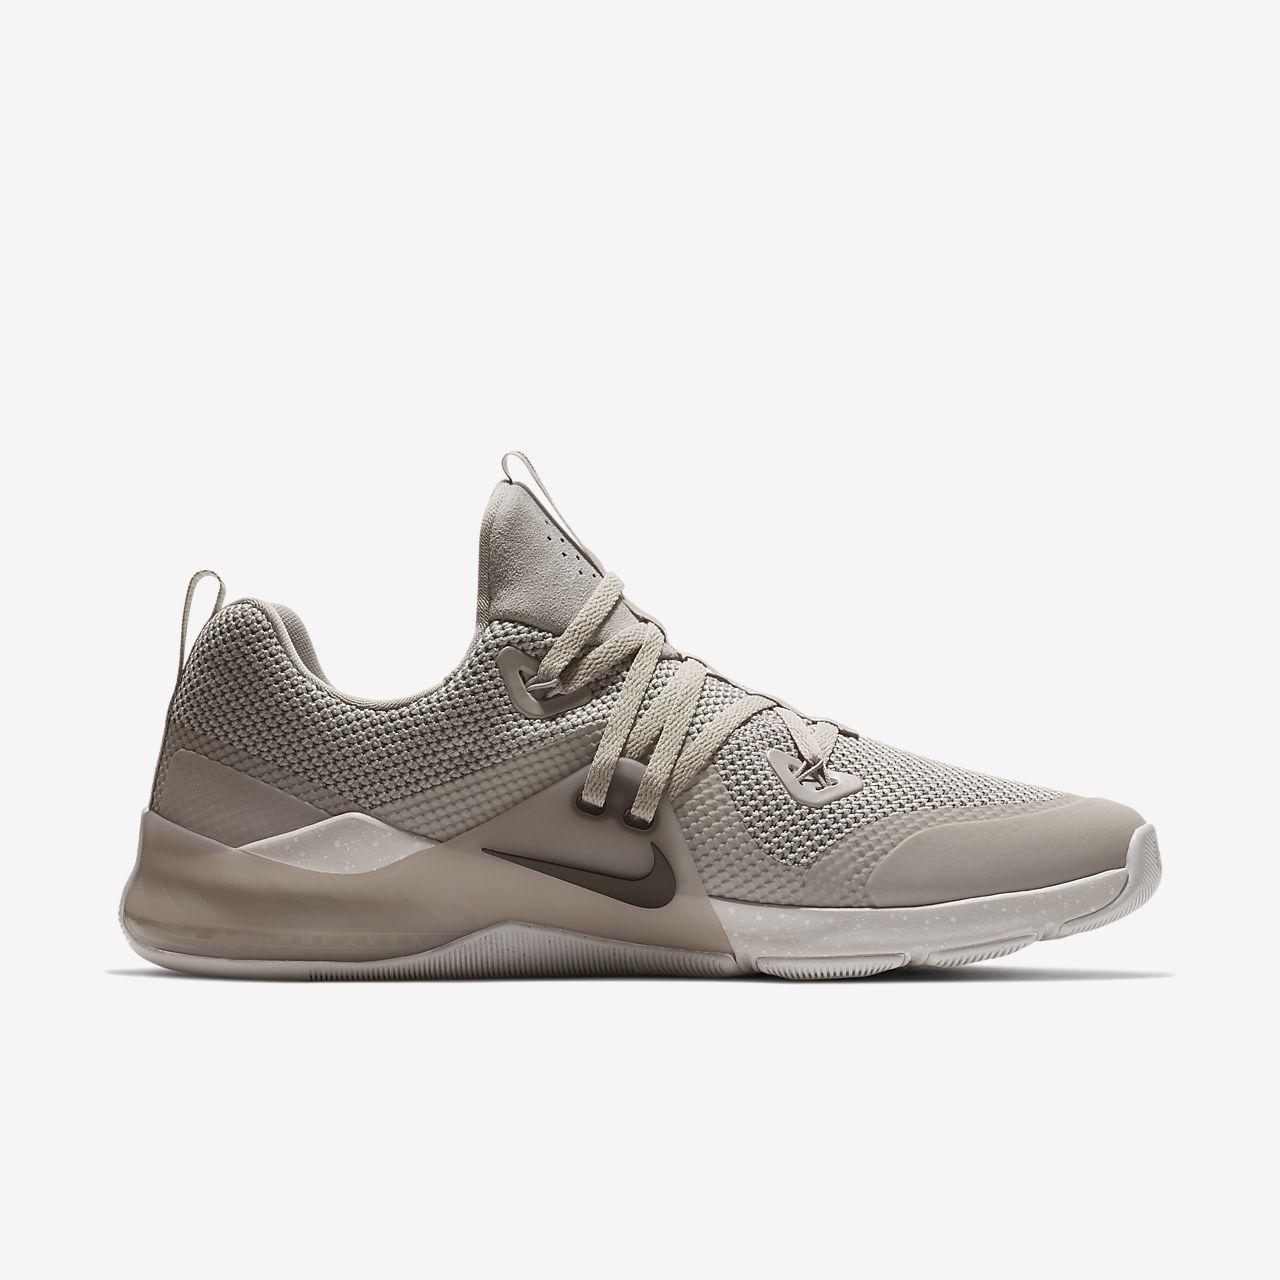 scarpe nike palestra